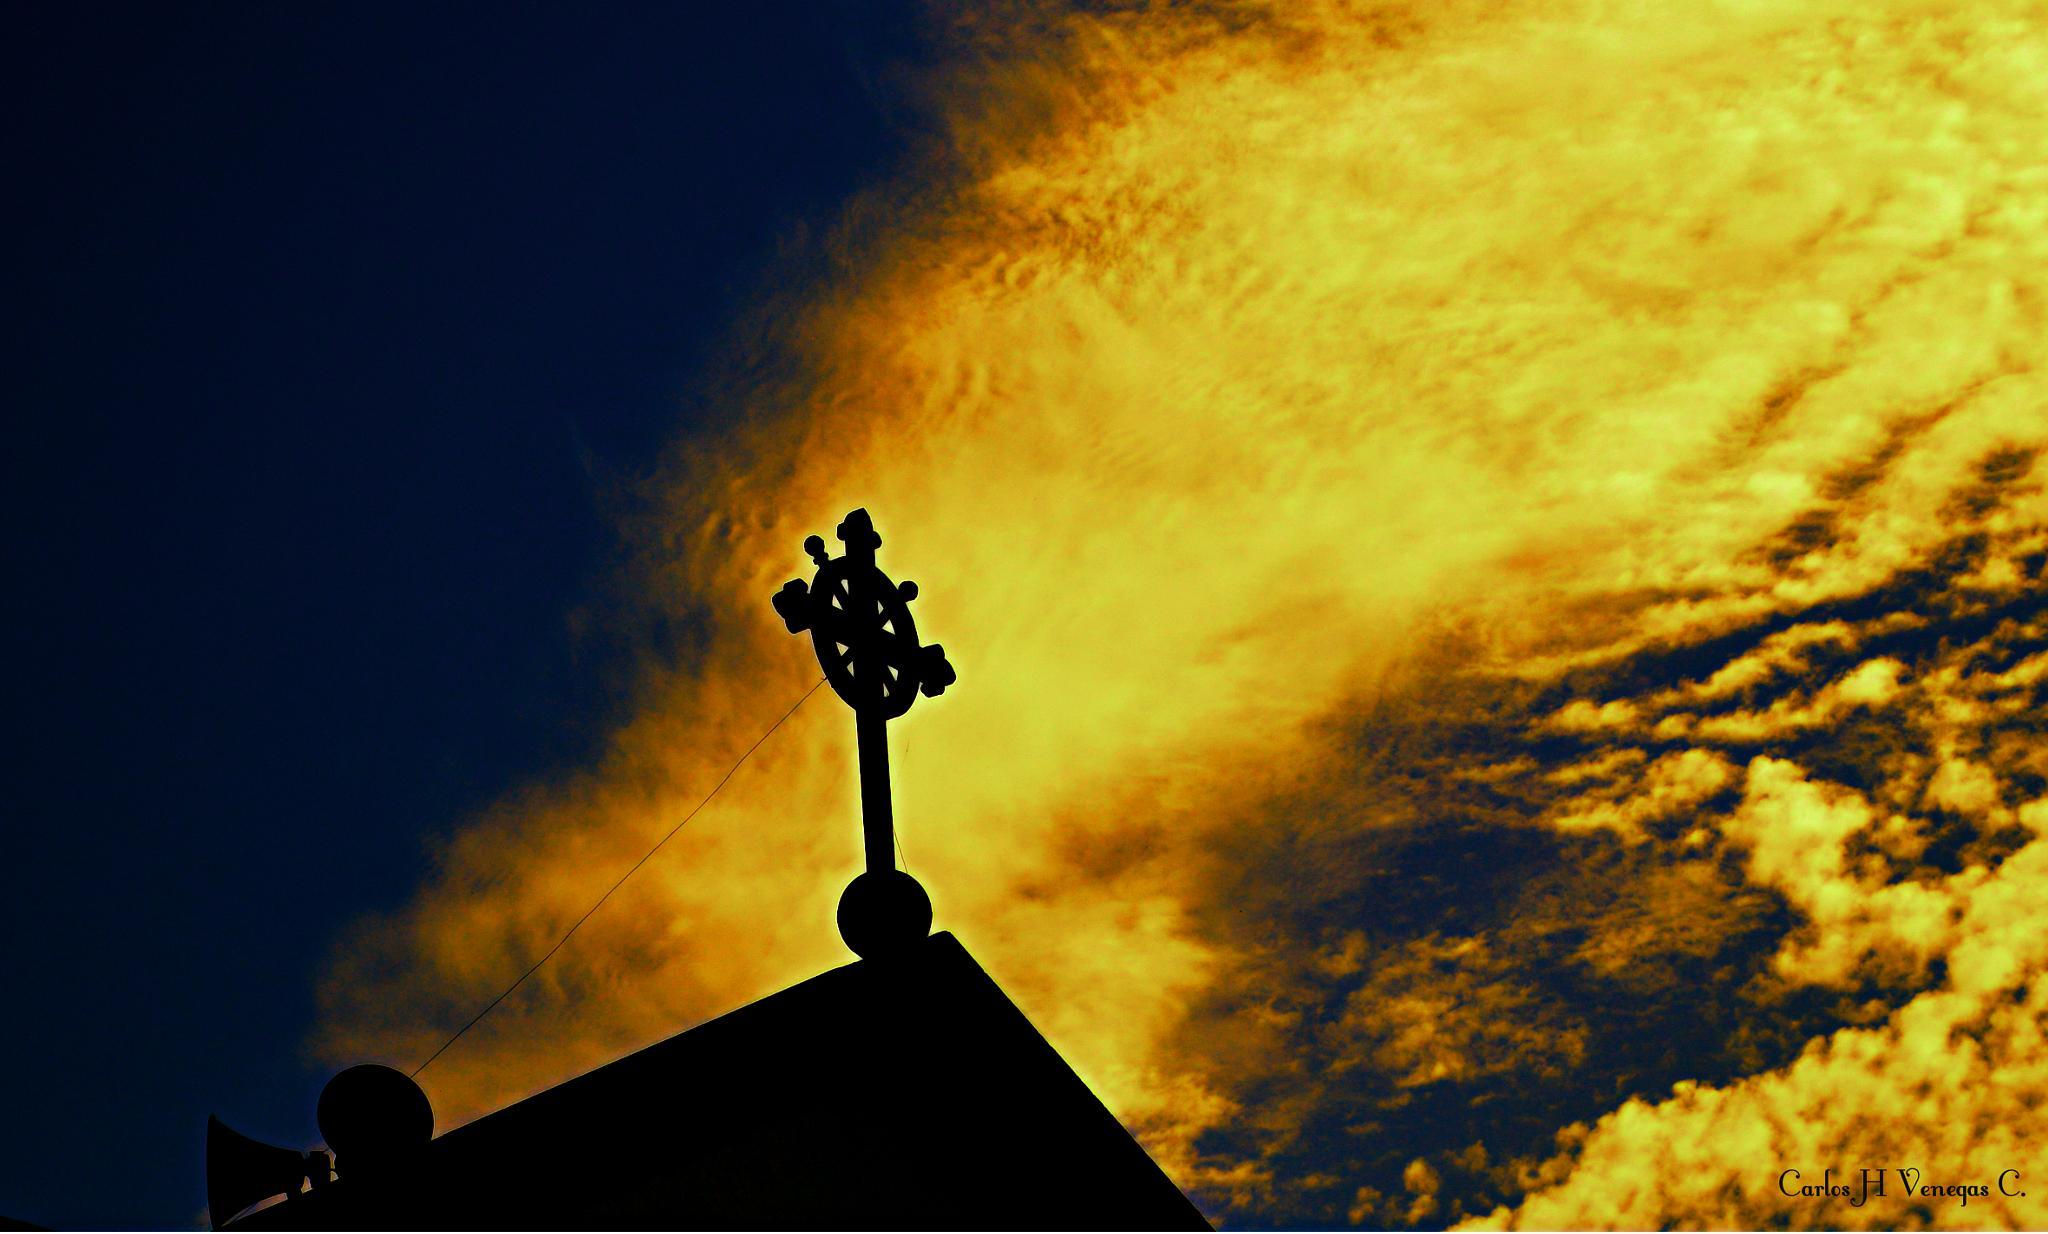 False sky by CarlosVenegas.